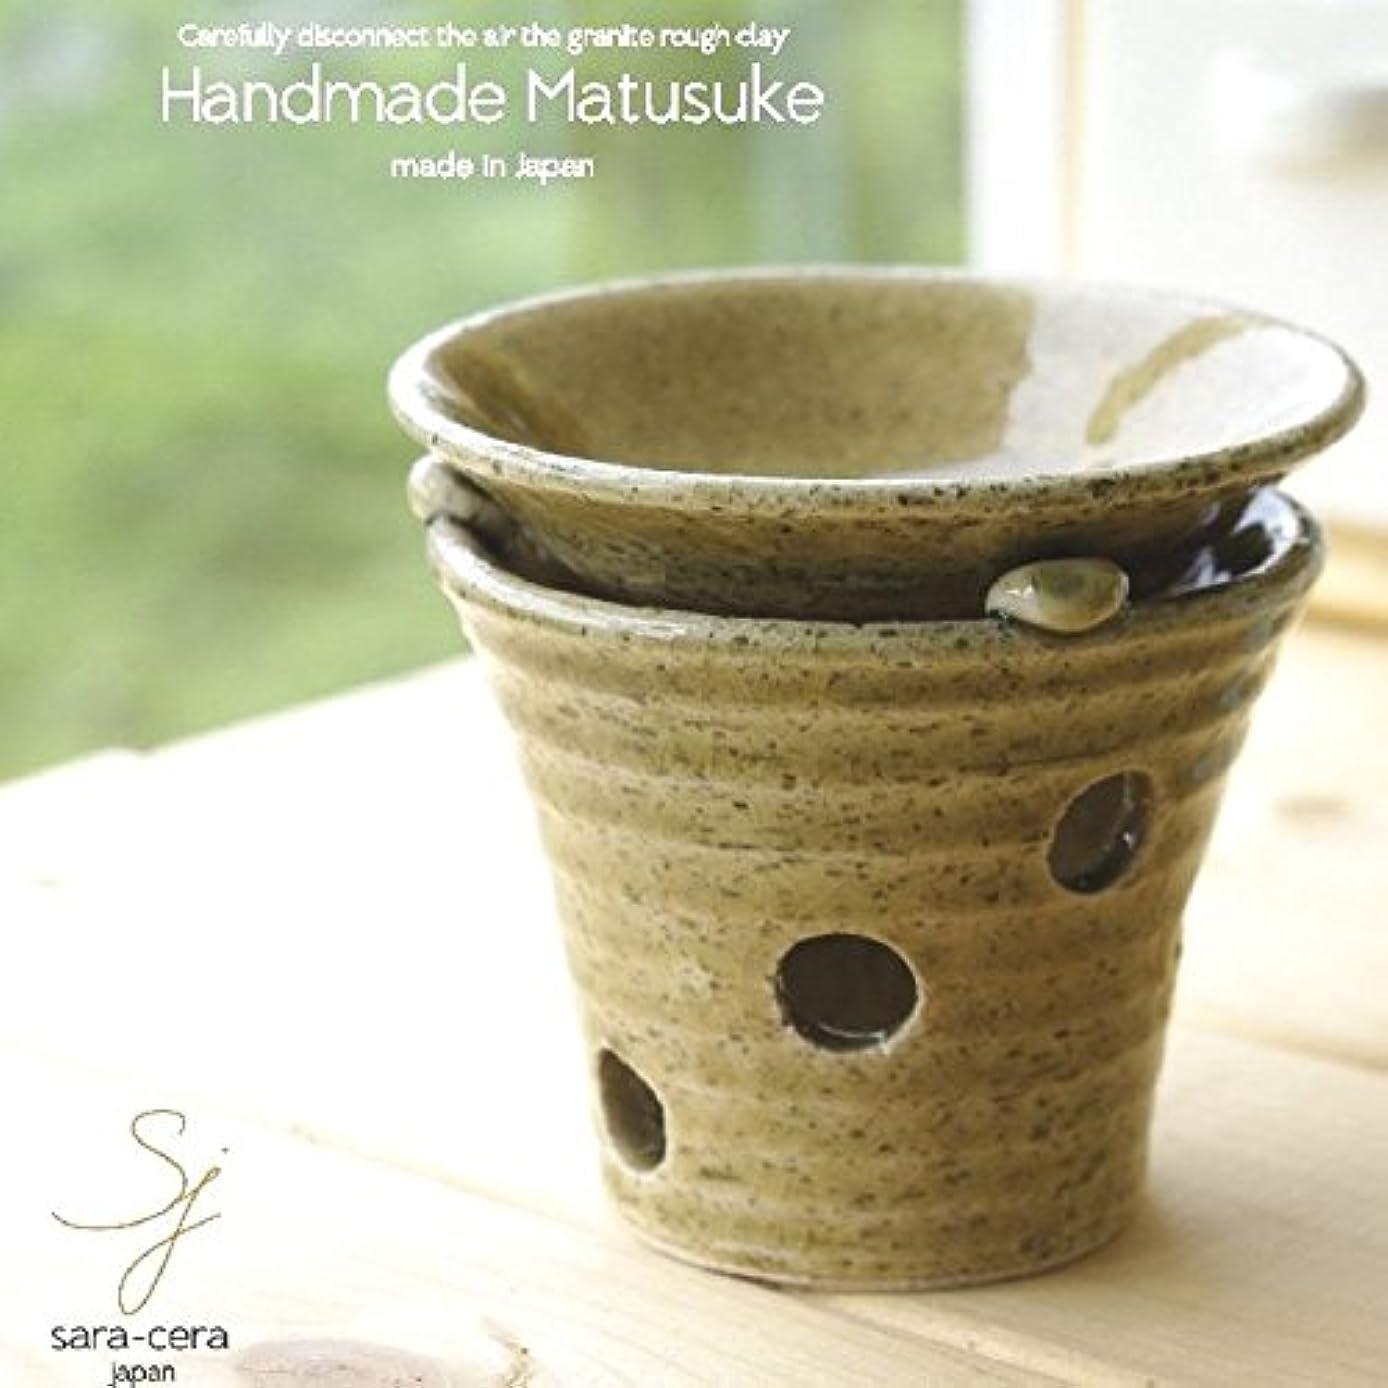 アラブチャールズキージングカロリー松助窯 手作り茶香炉セット 灰釉ビードロ アロマ 和風 陶器 手づくり 日本製 美濃焼